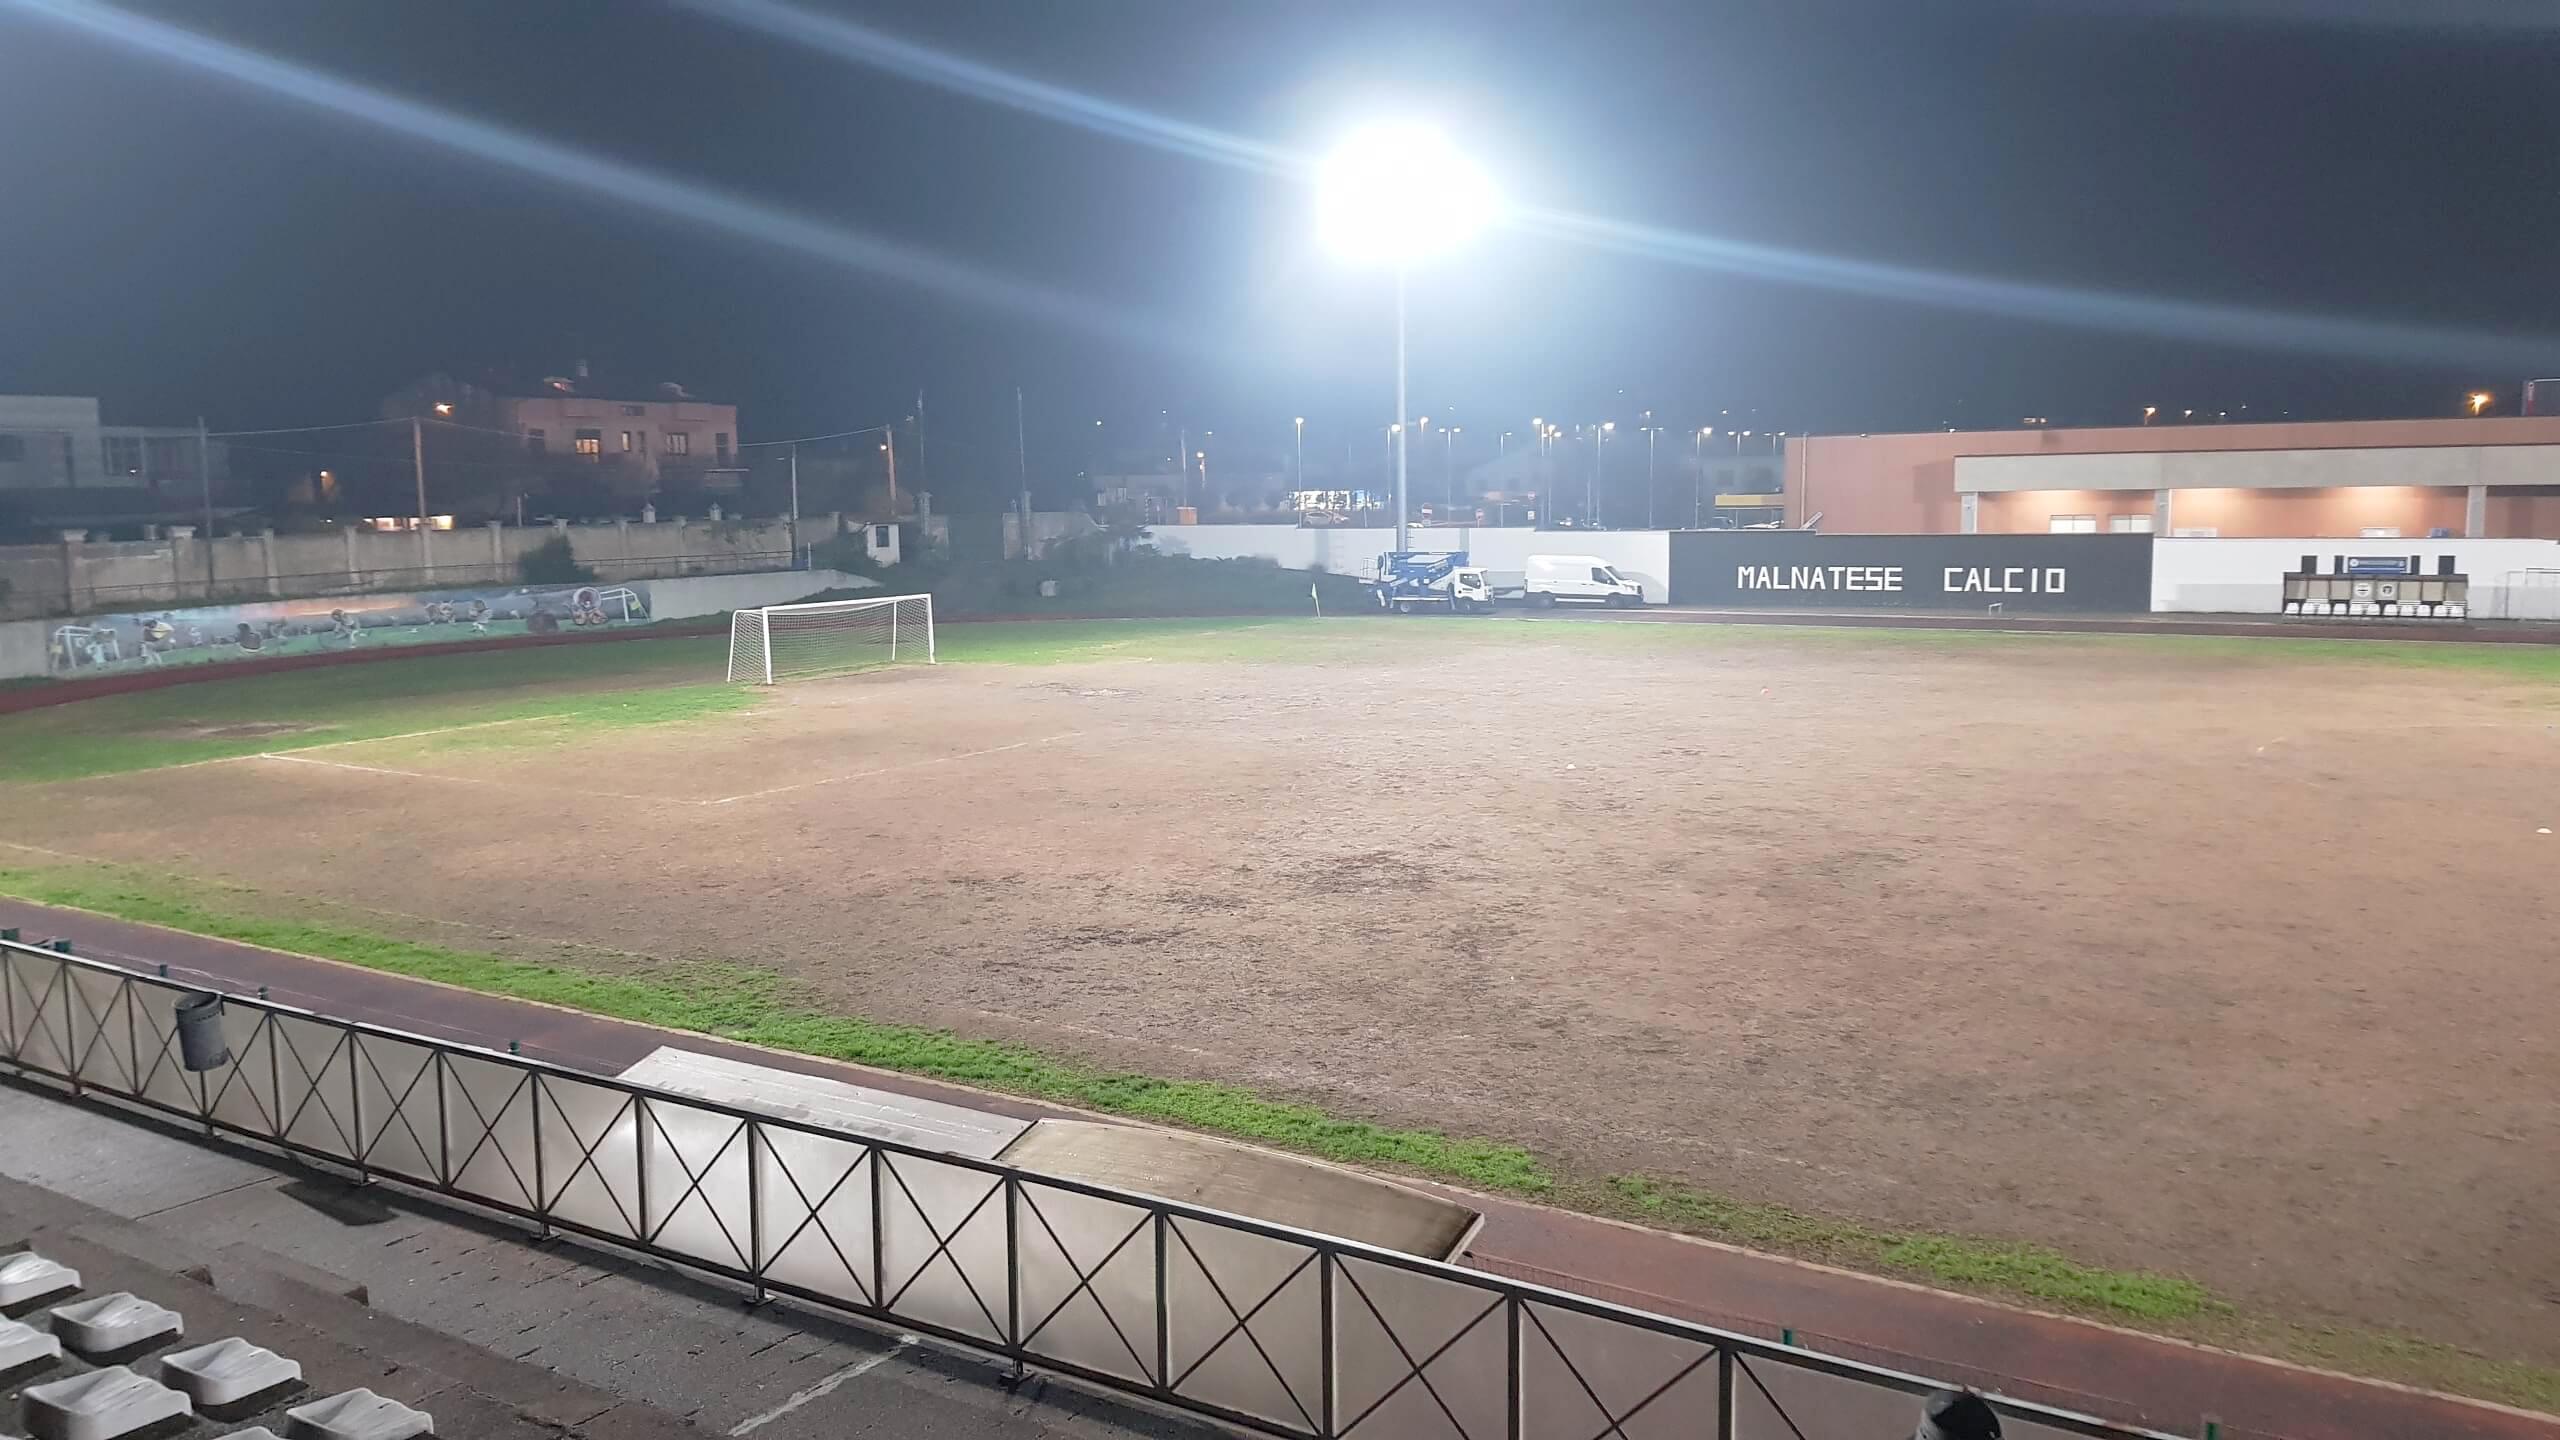 Centro-sportivo-malnatese-calcio-malnate-va-3